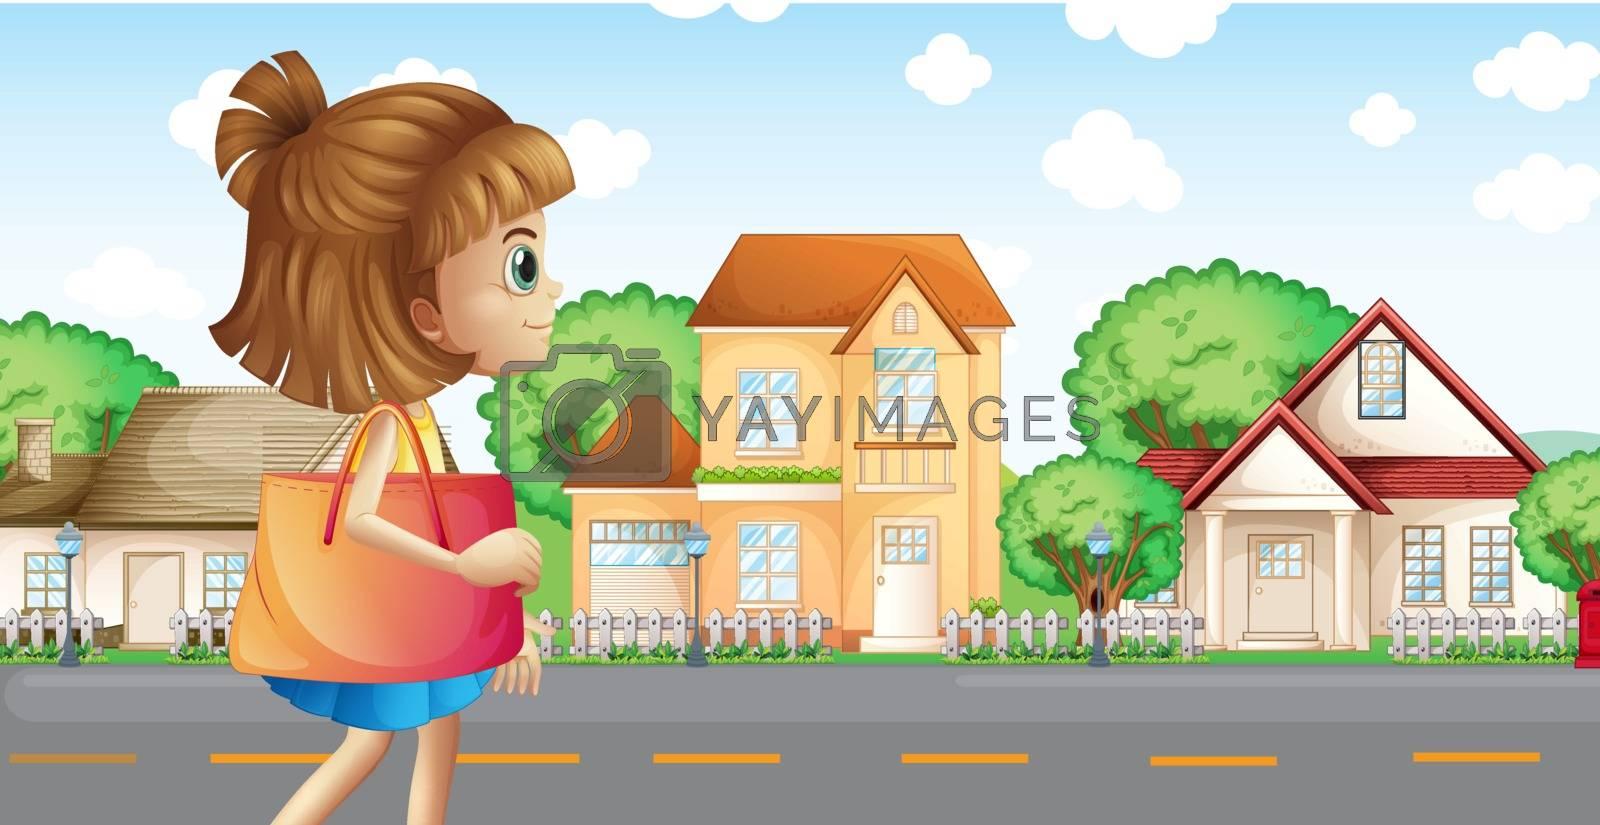 Illustration of a girl walking across the neighborhood